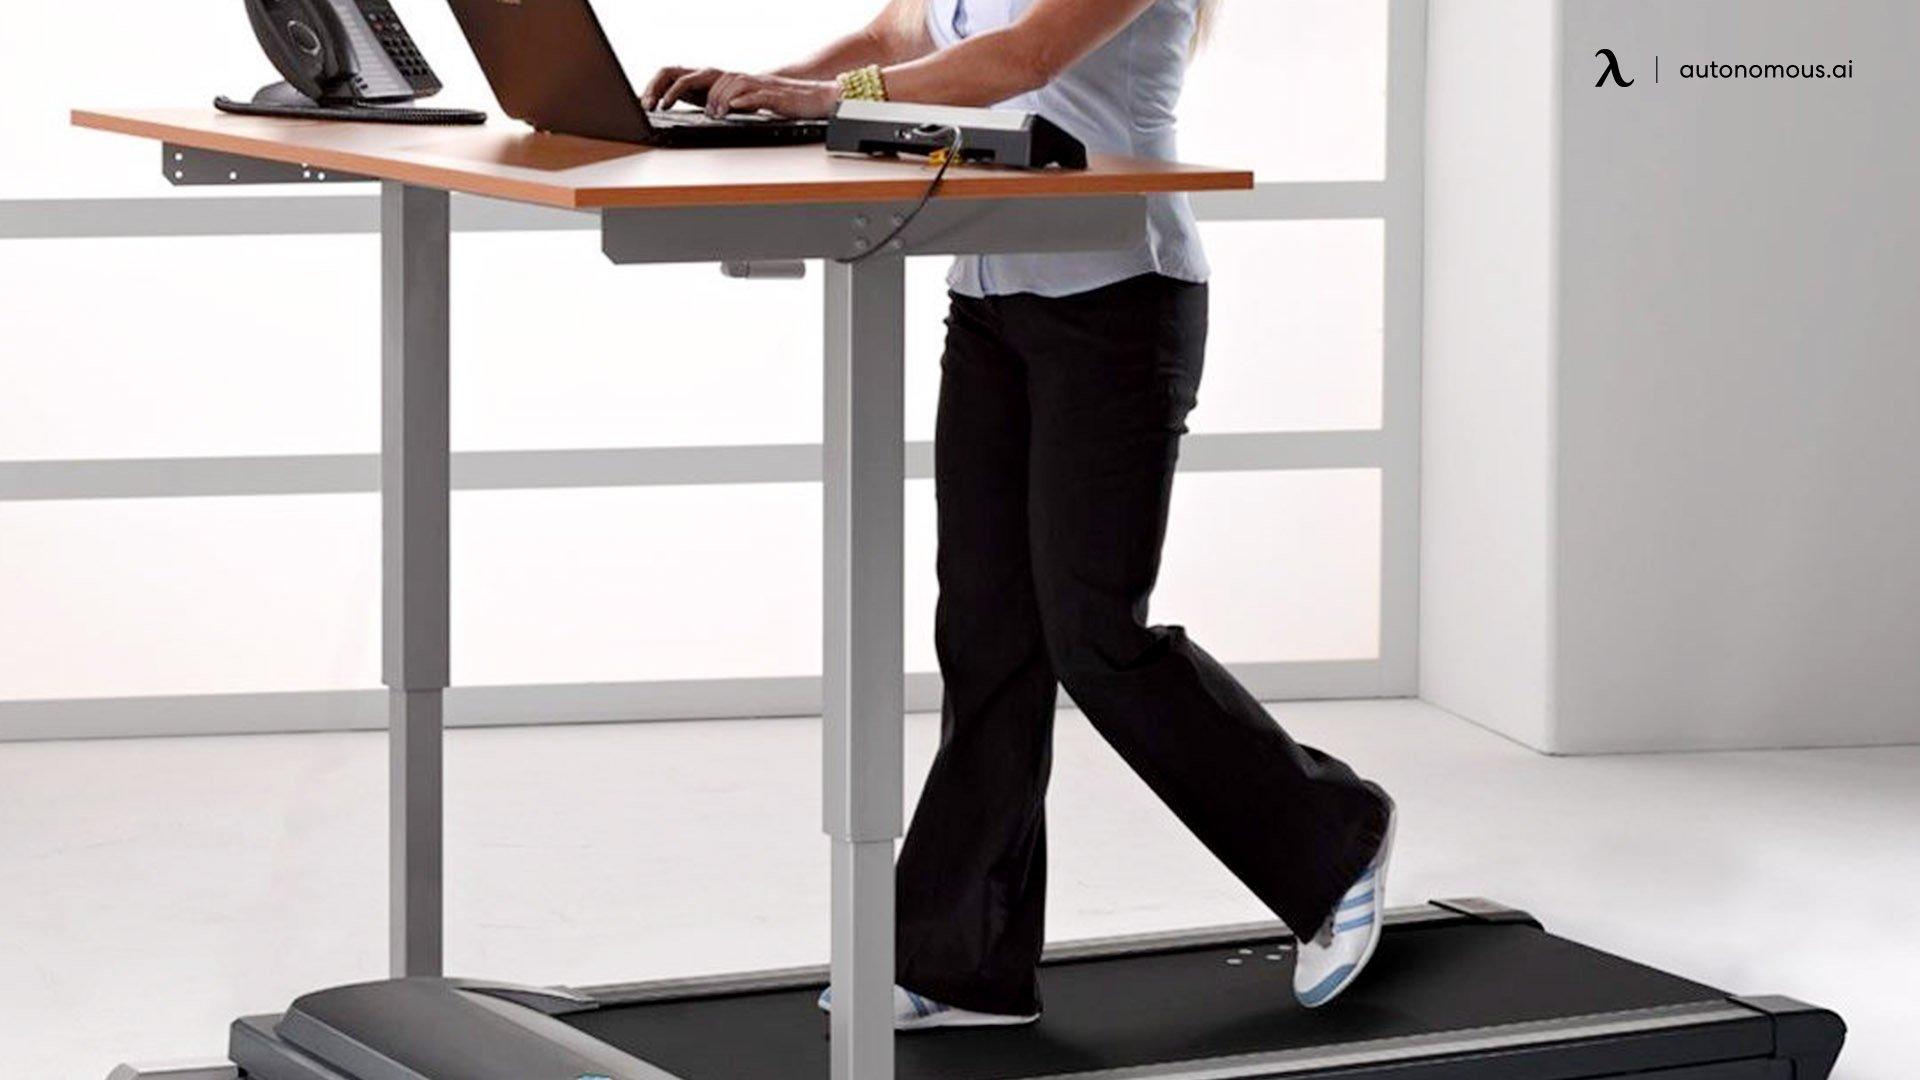 The Active Treadmill Desk